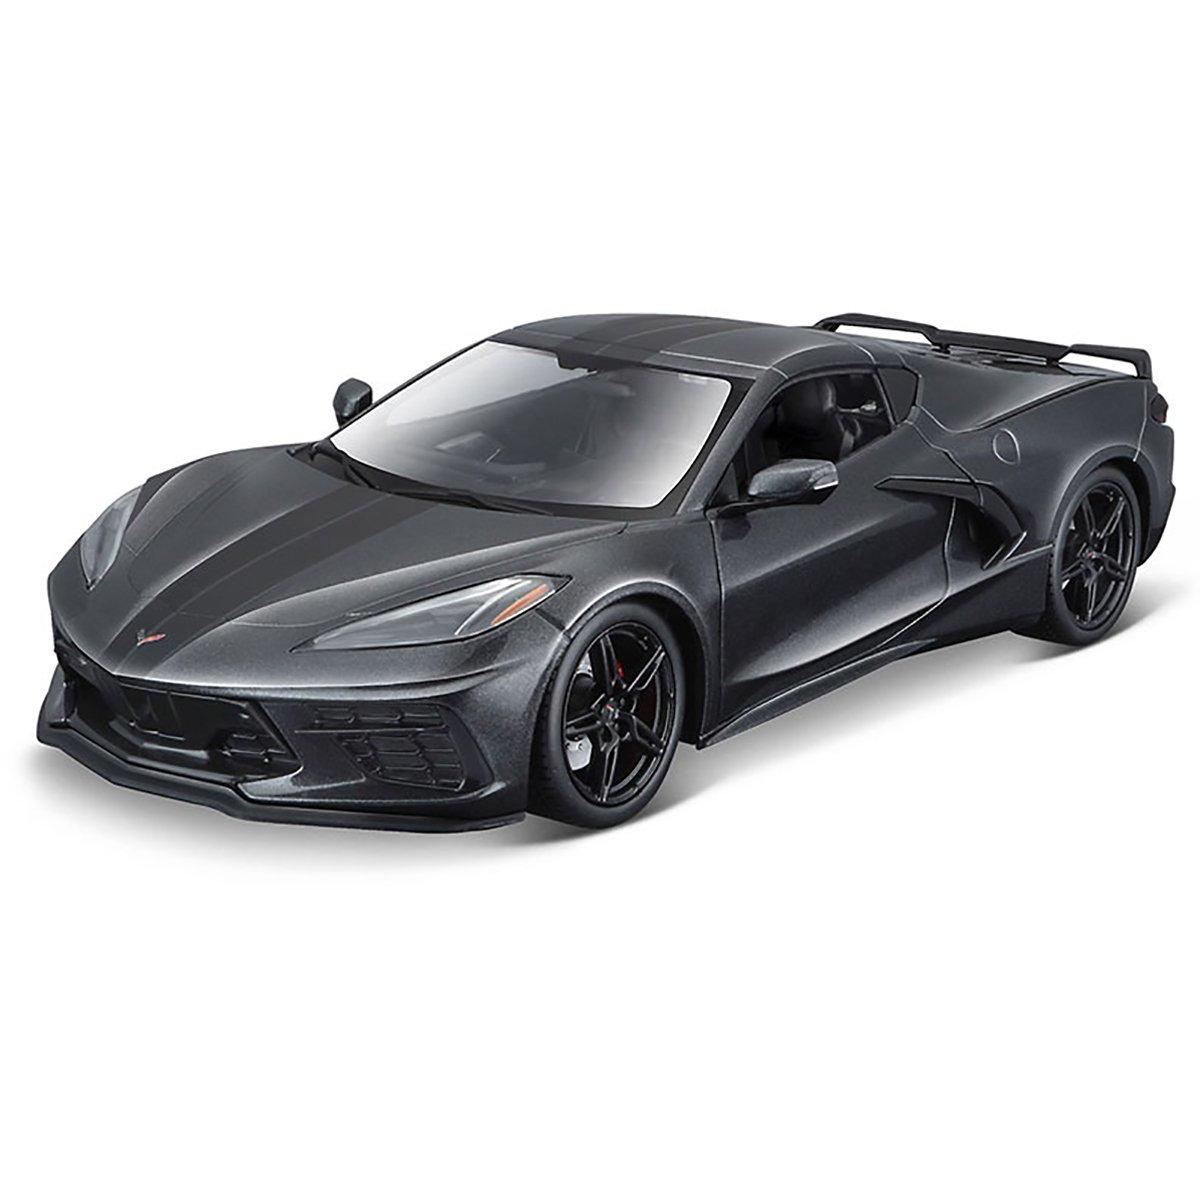 Masinuta Maisto Chevrolet Corvette Stingray Coupe 2020, 1:18, Gri